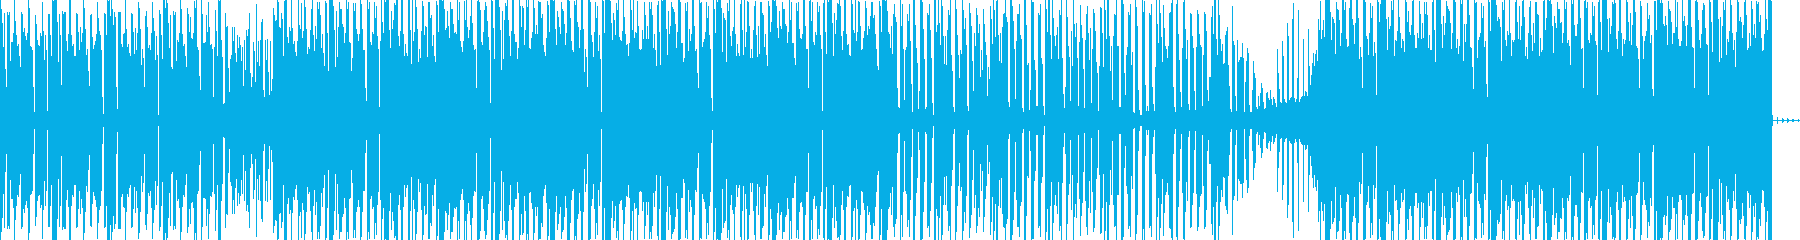 定番のミニマル・テクノの再生済みの波形